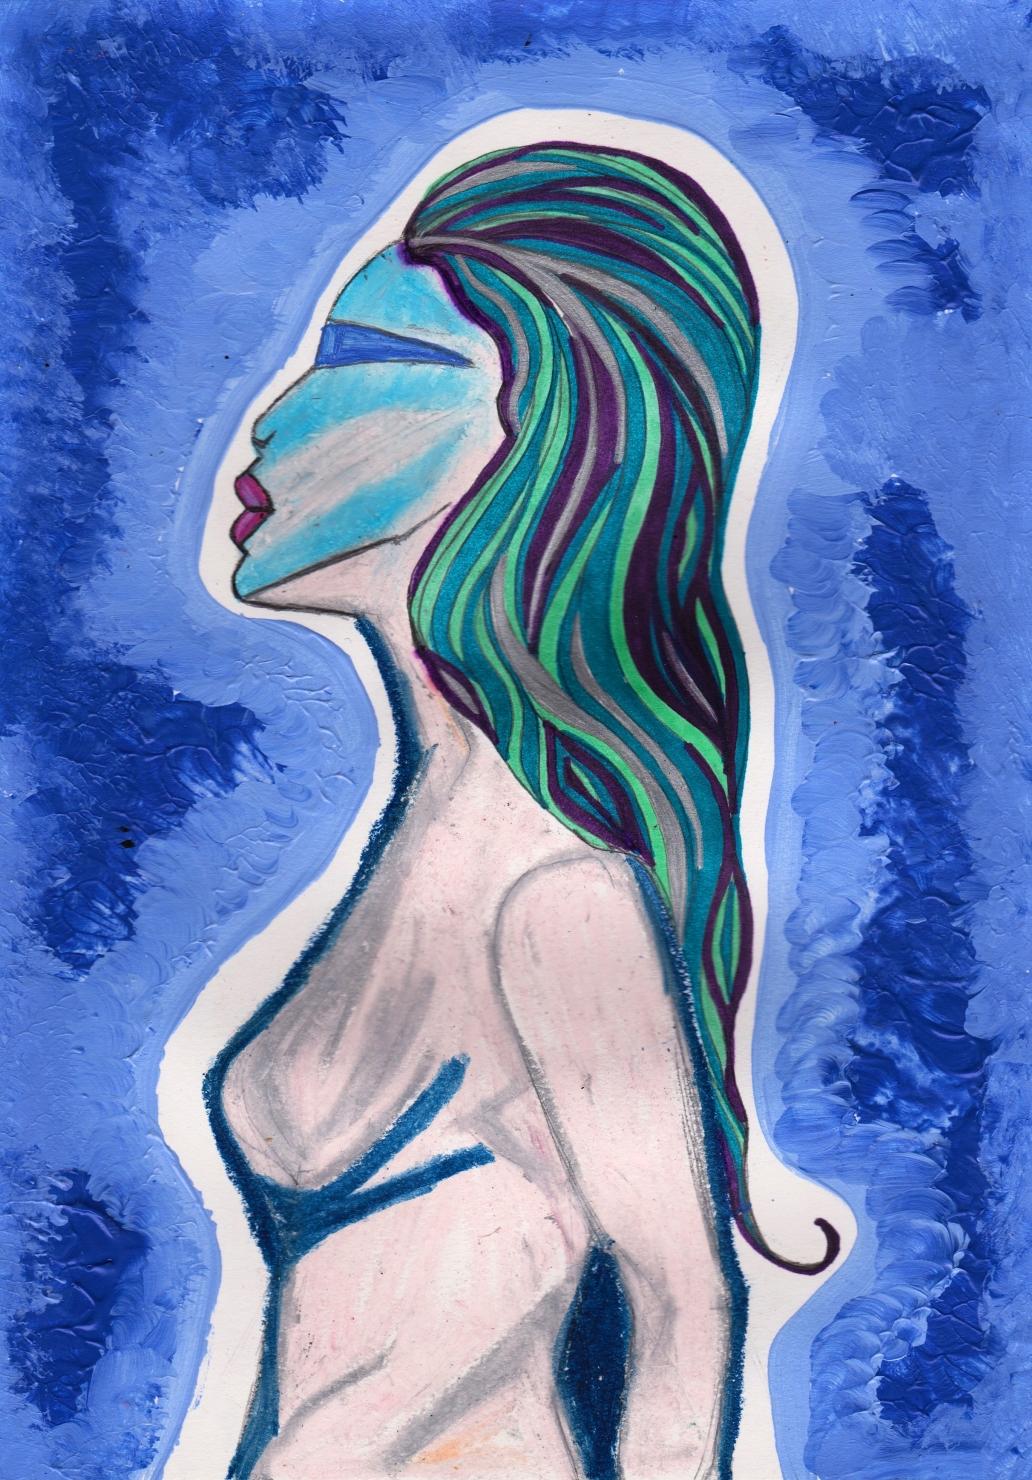 Alien Woman - By Charlotte Farhan